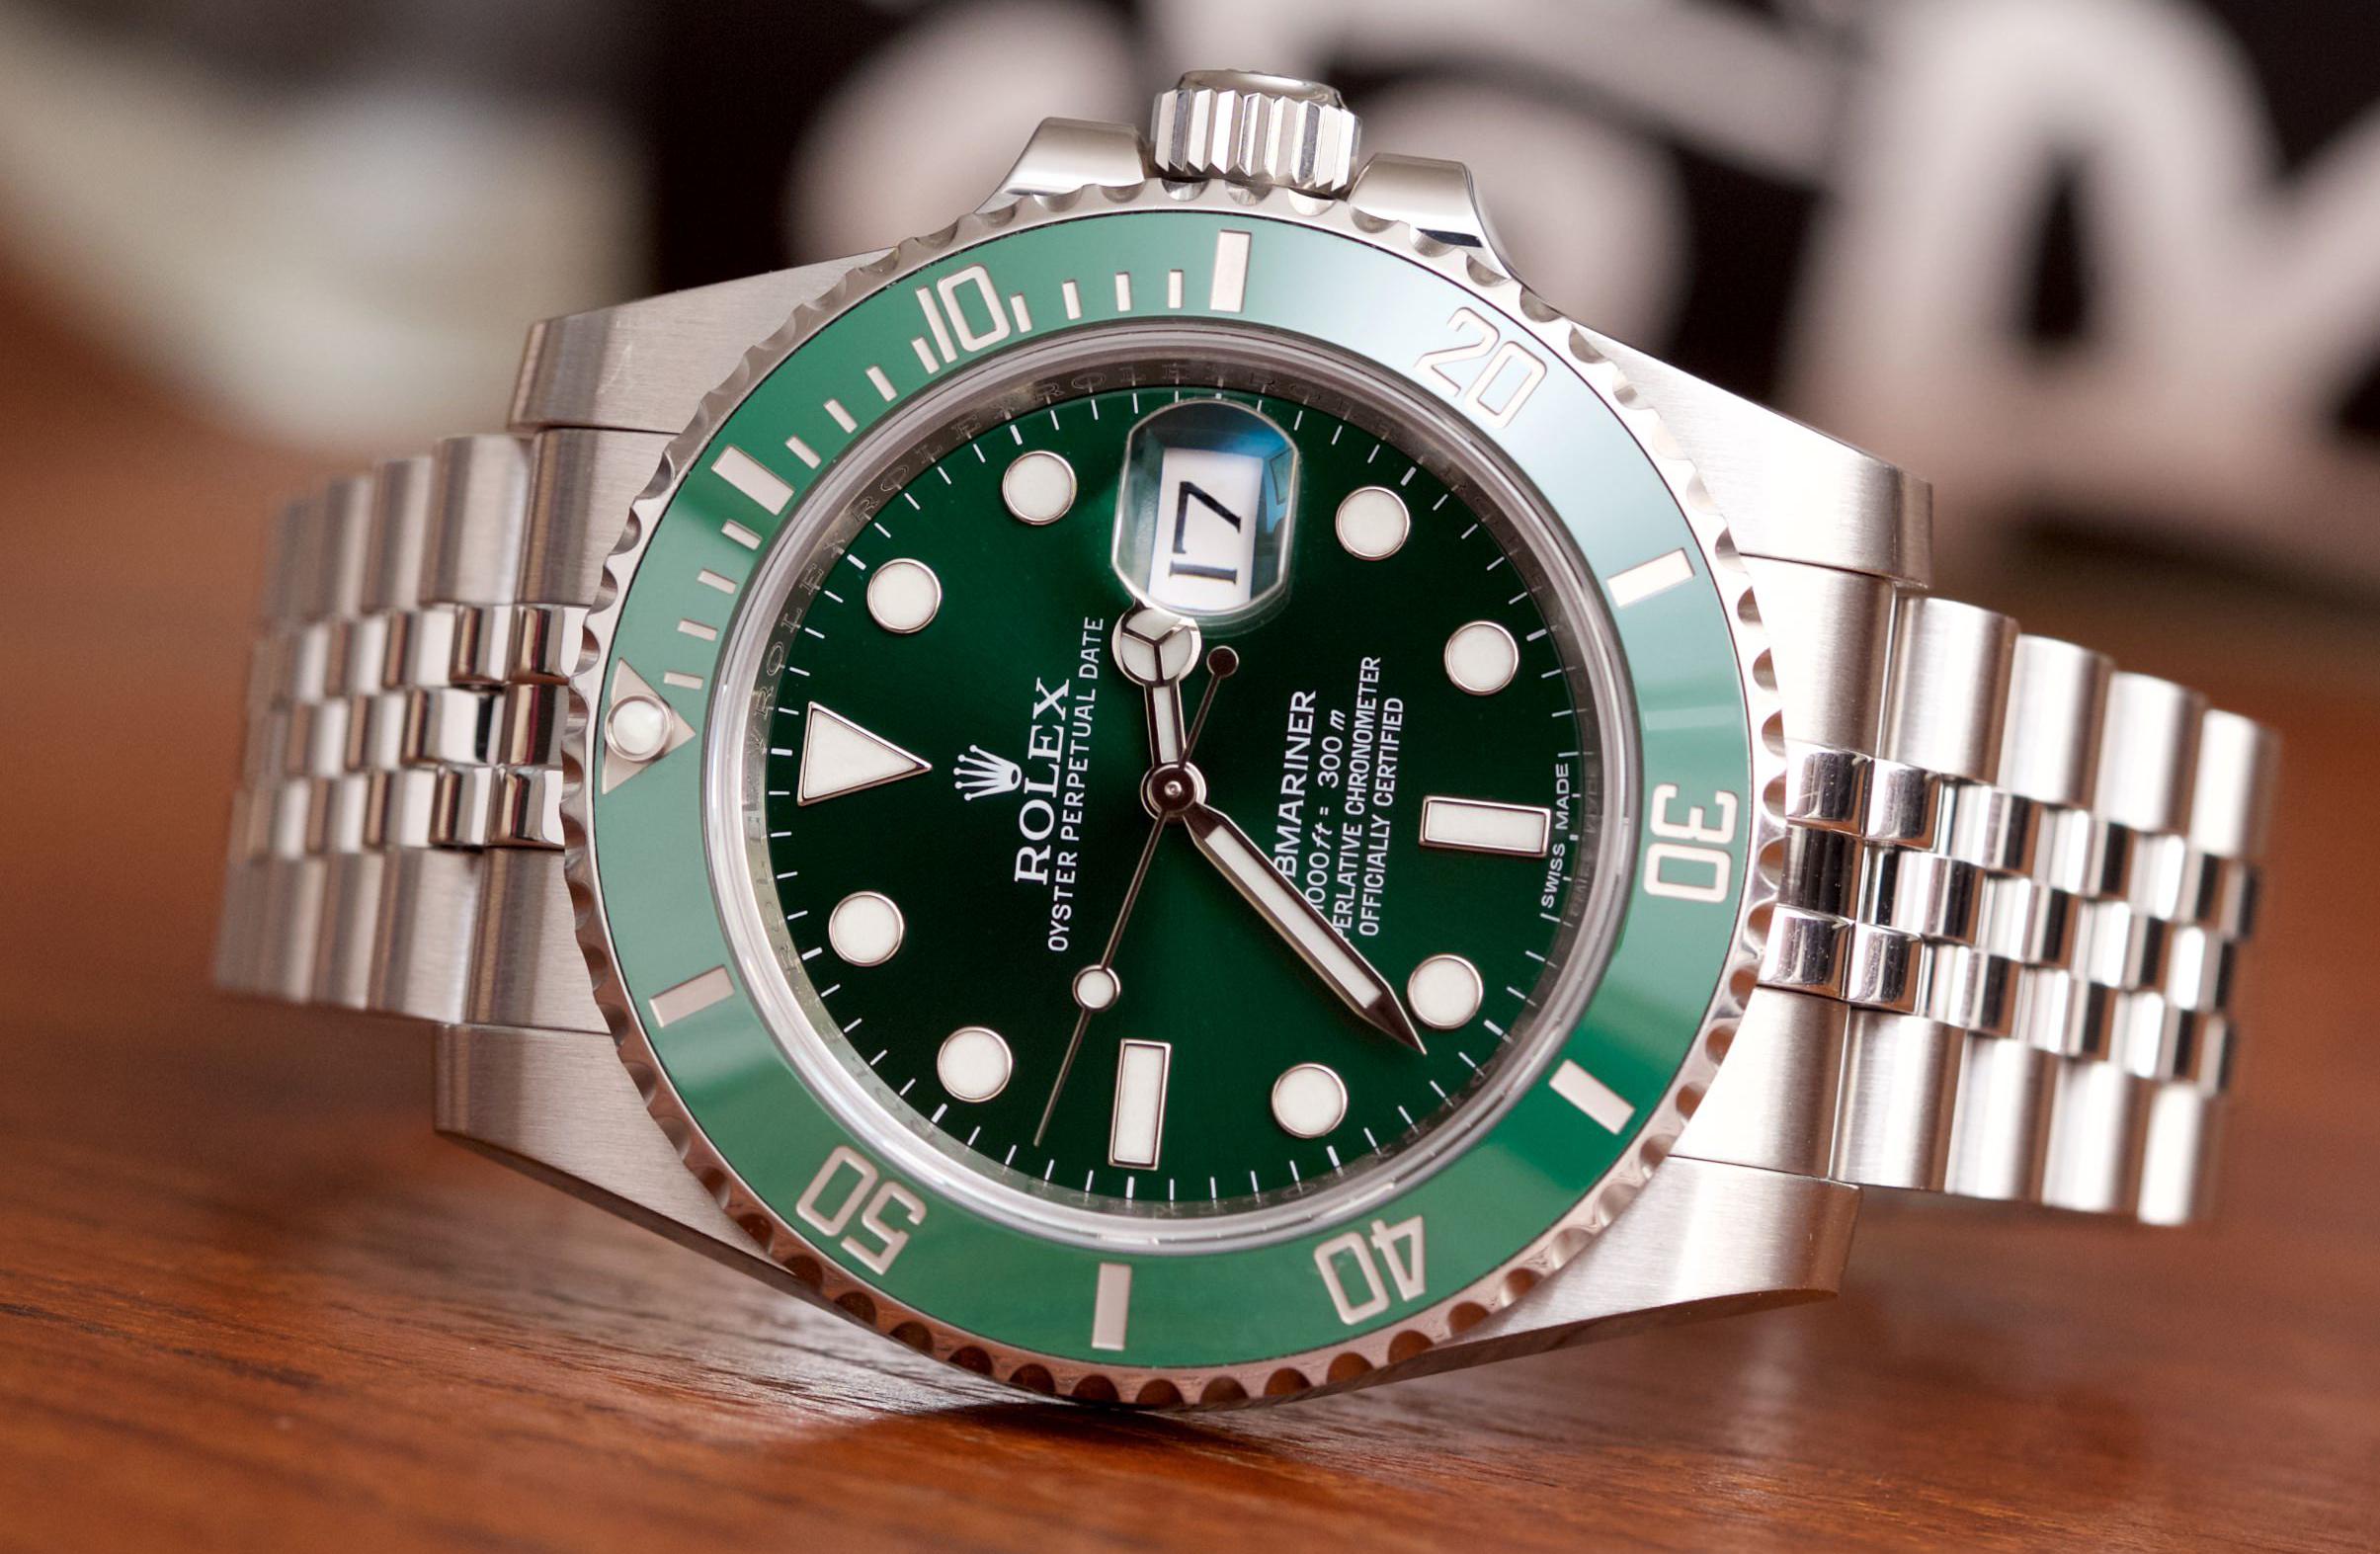 Rolex-116610LV-Jubilee